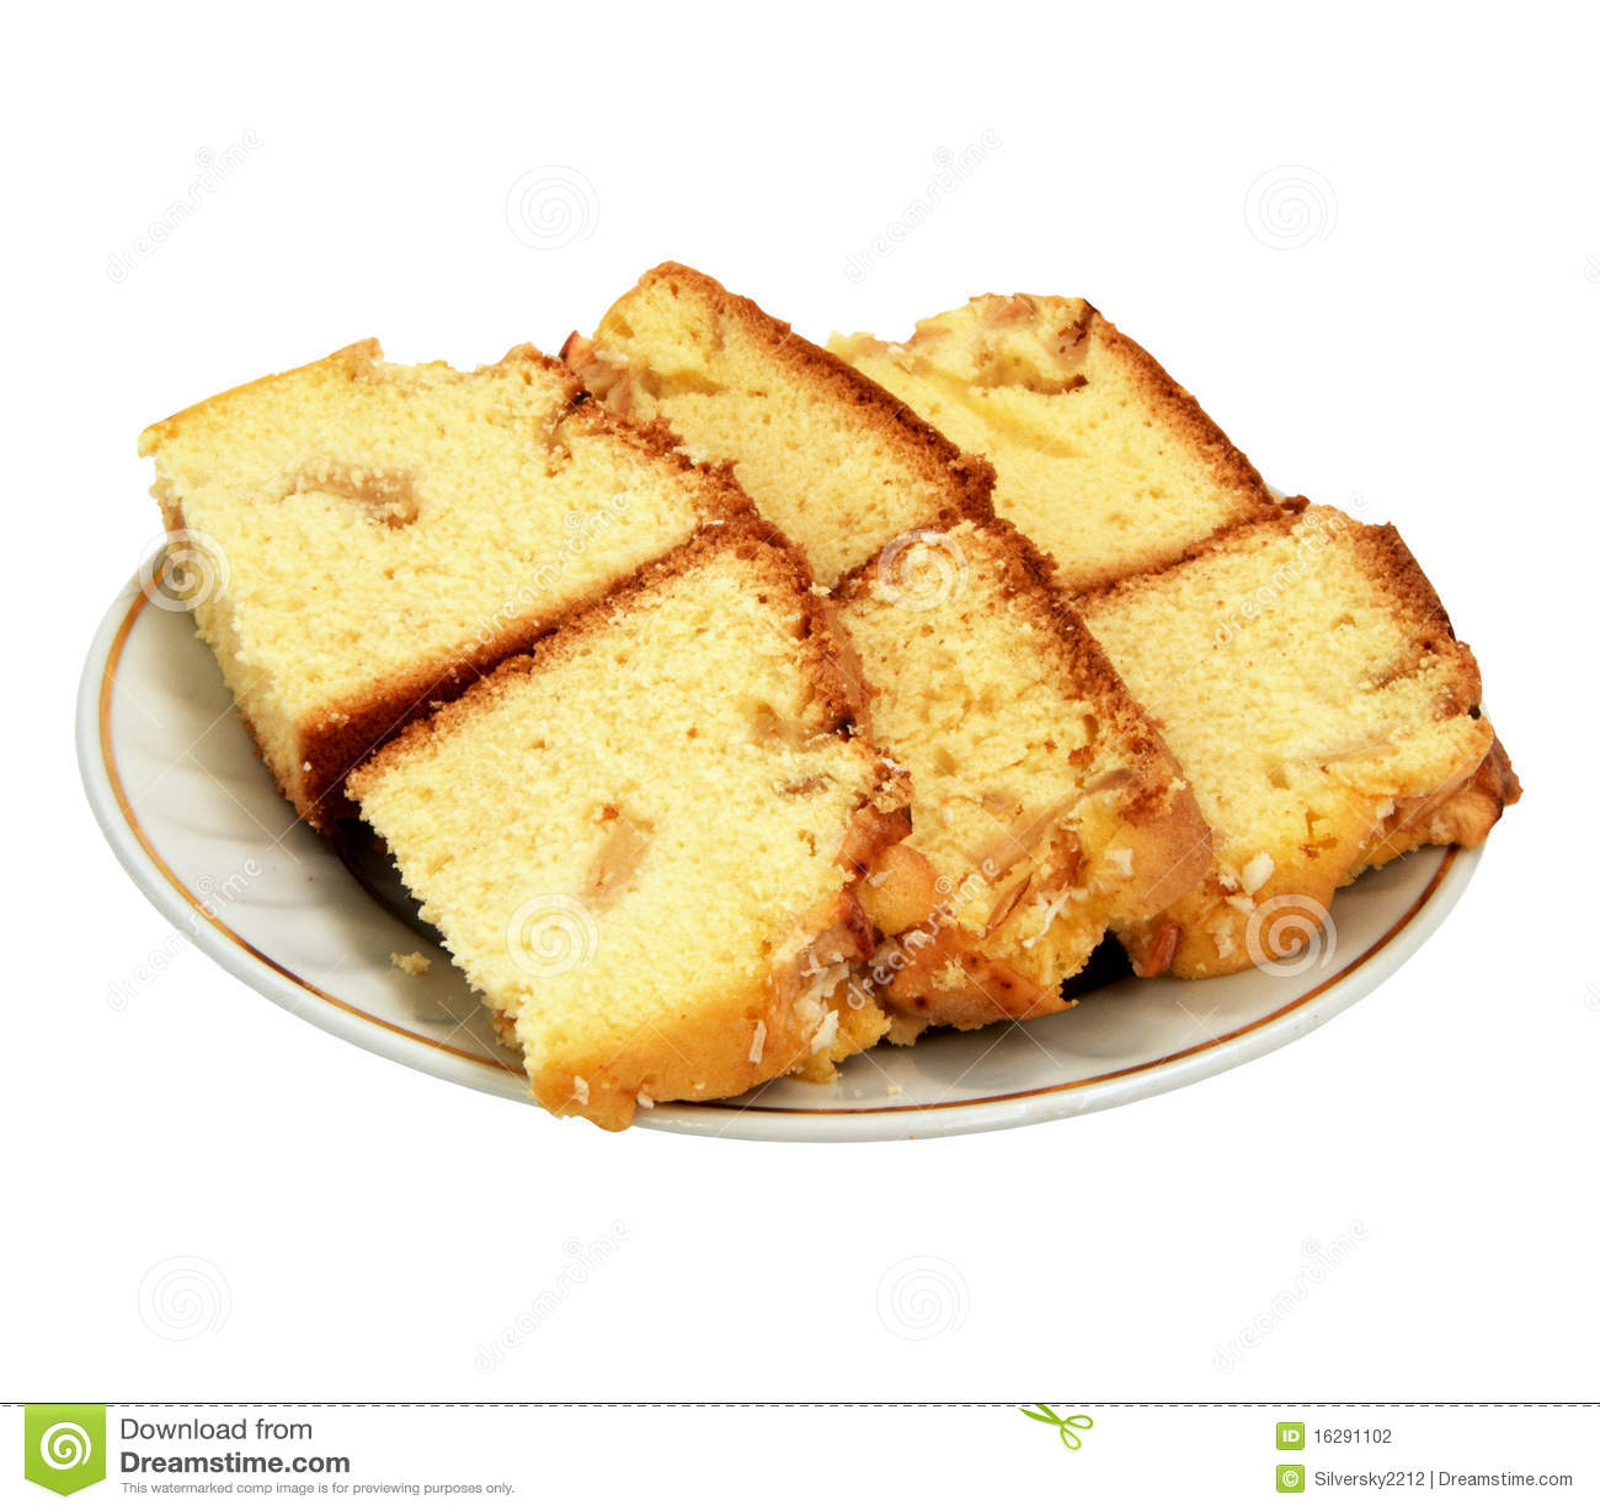 Apple Charlotte Sponge Cake